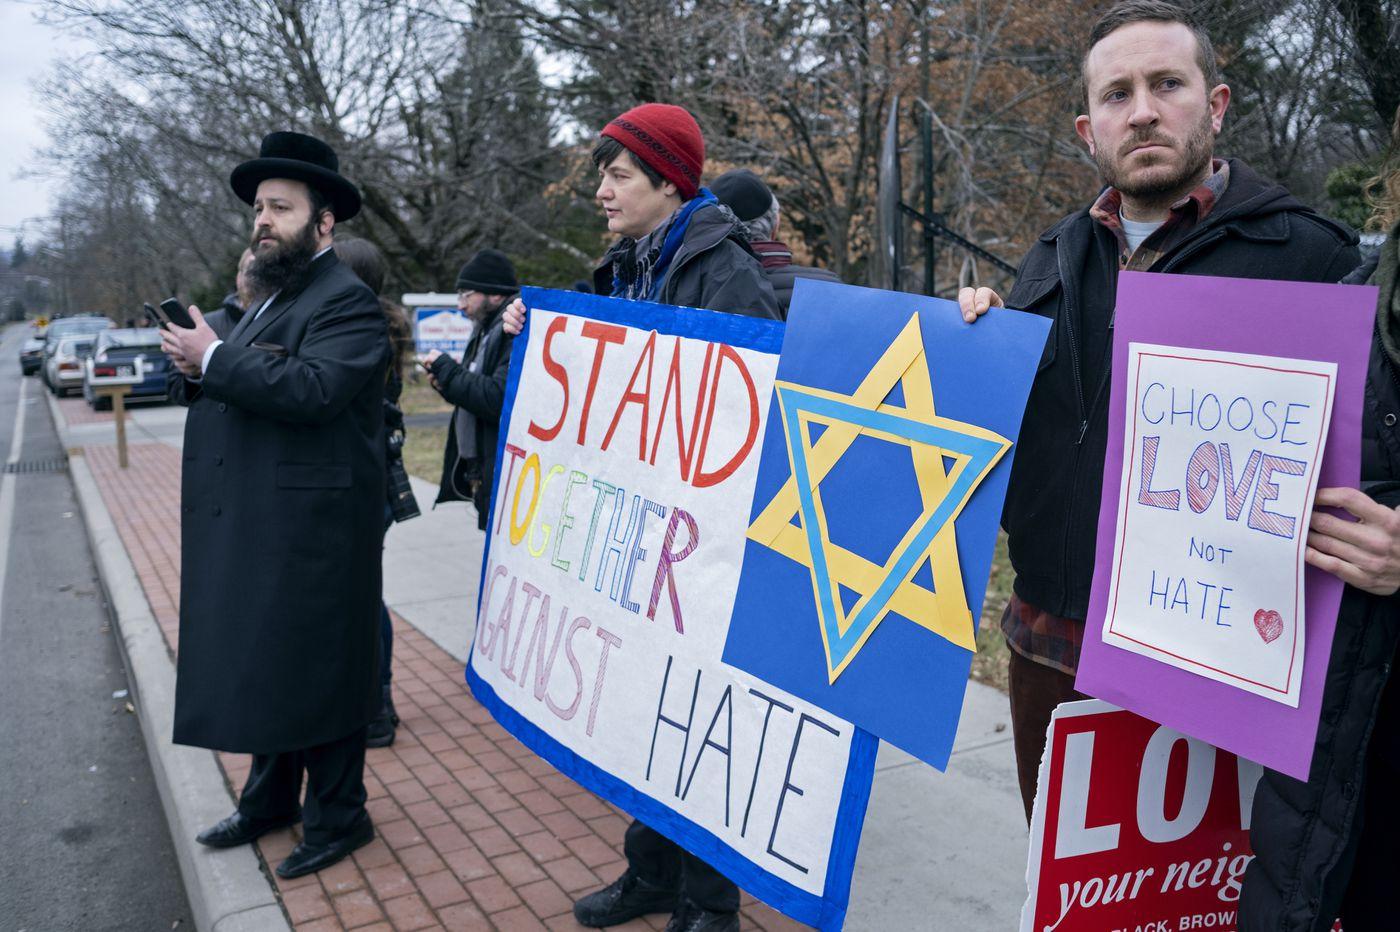 Local Jewish community condemns latest anti-Semitic attack in New York